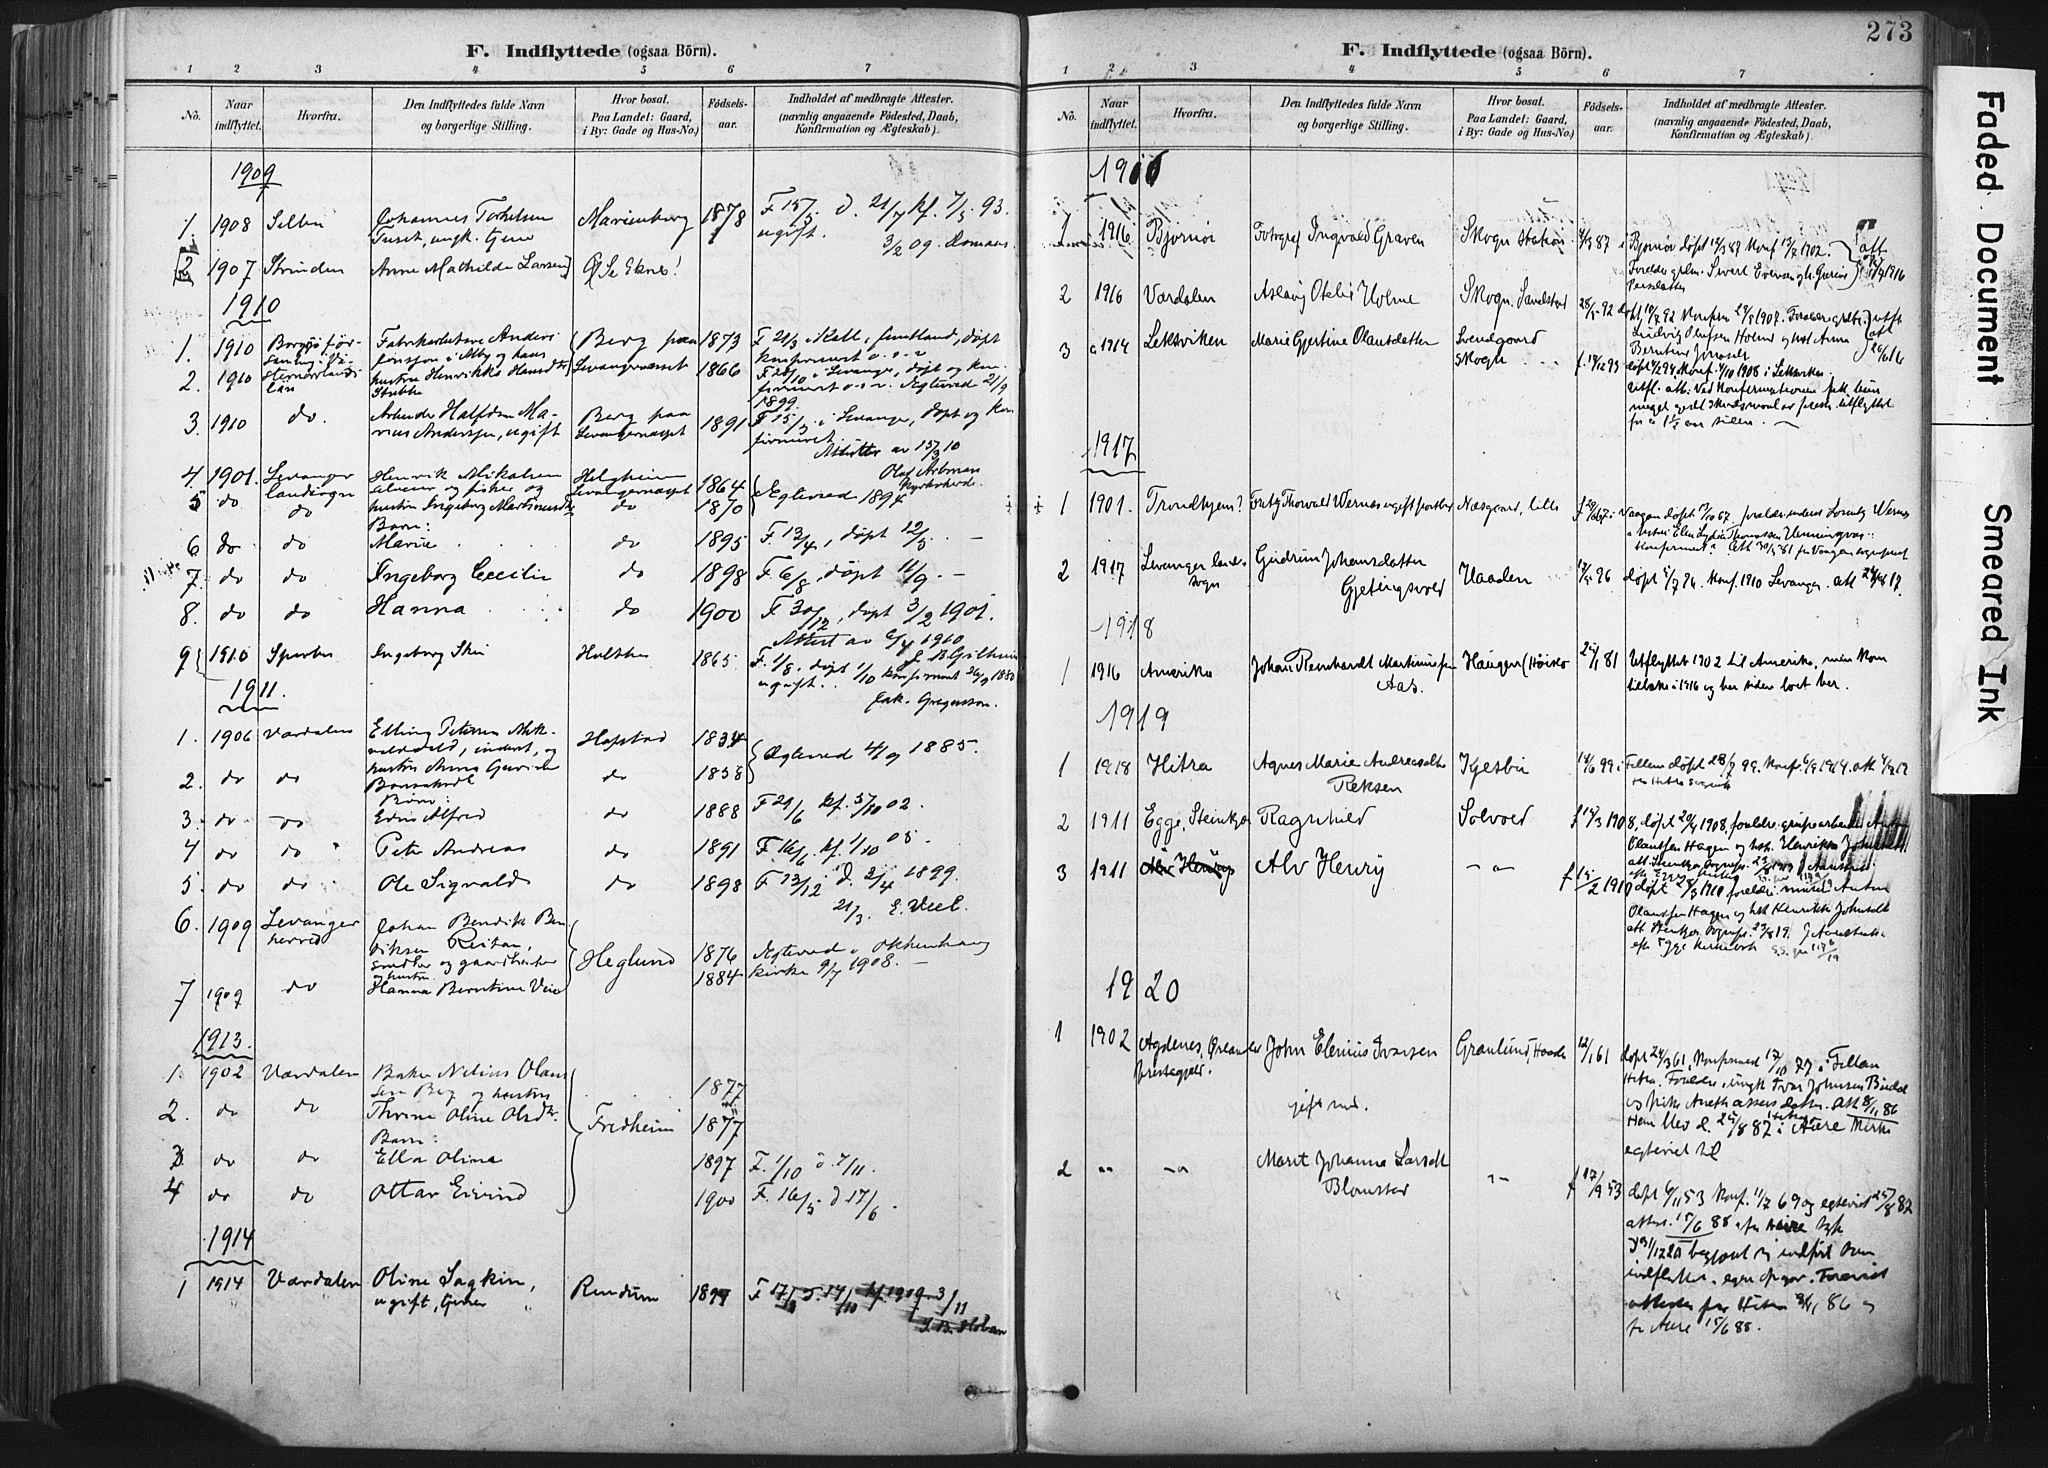 SAT, Ministerialprotokoller, klokkerbøker og fødselsregistre - Nord-Trøndelag, 717/L0162: Ministerialbok nr. 717A12, 1898-1923, s. 273